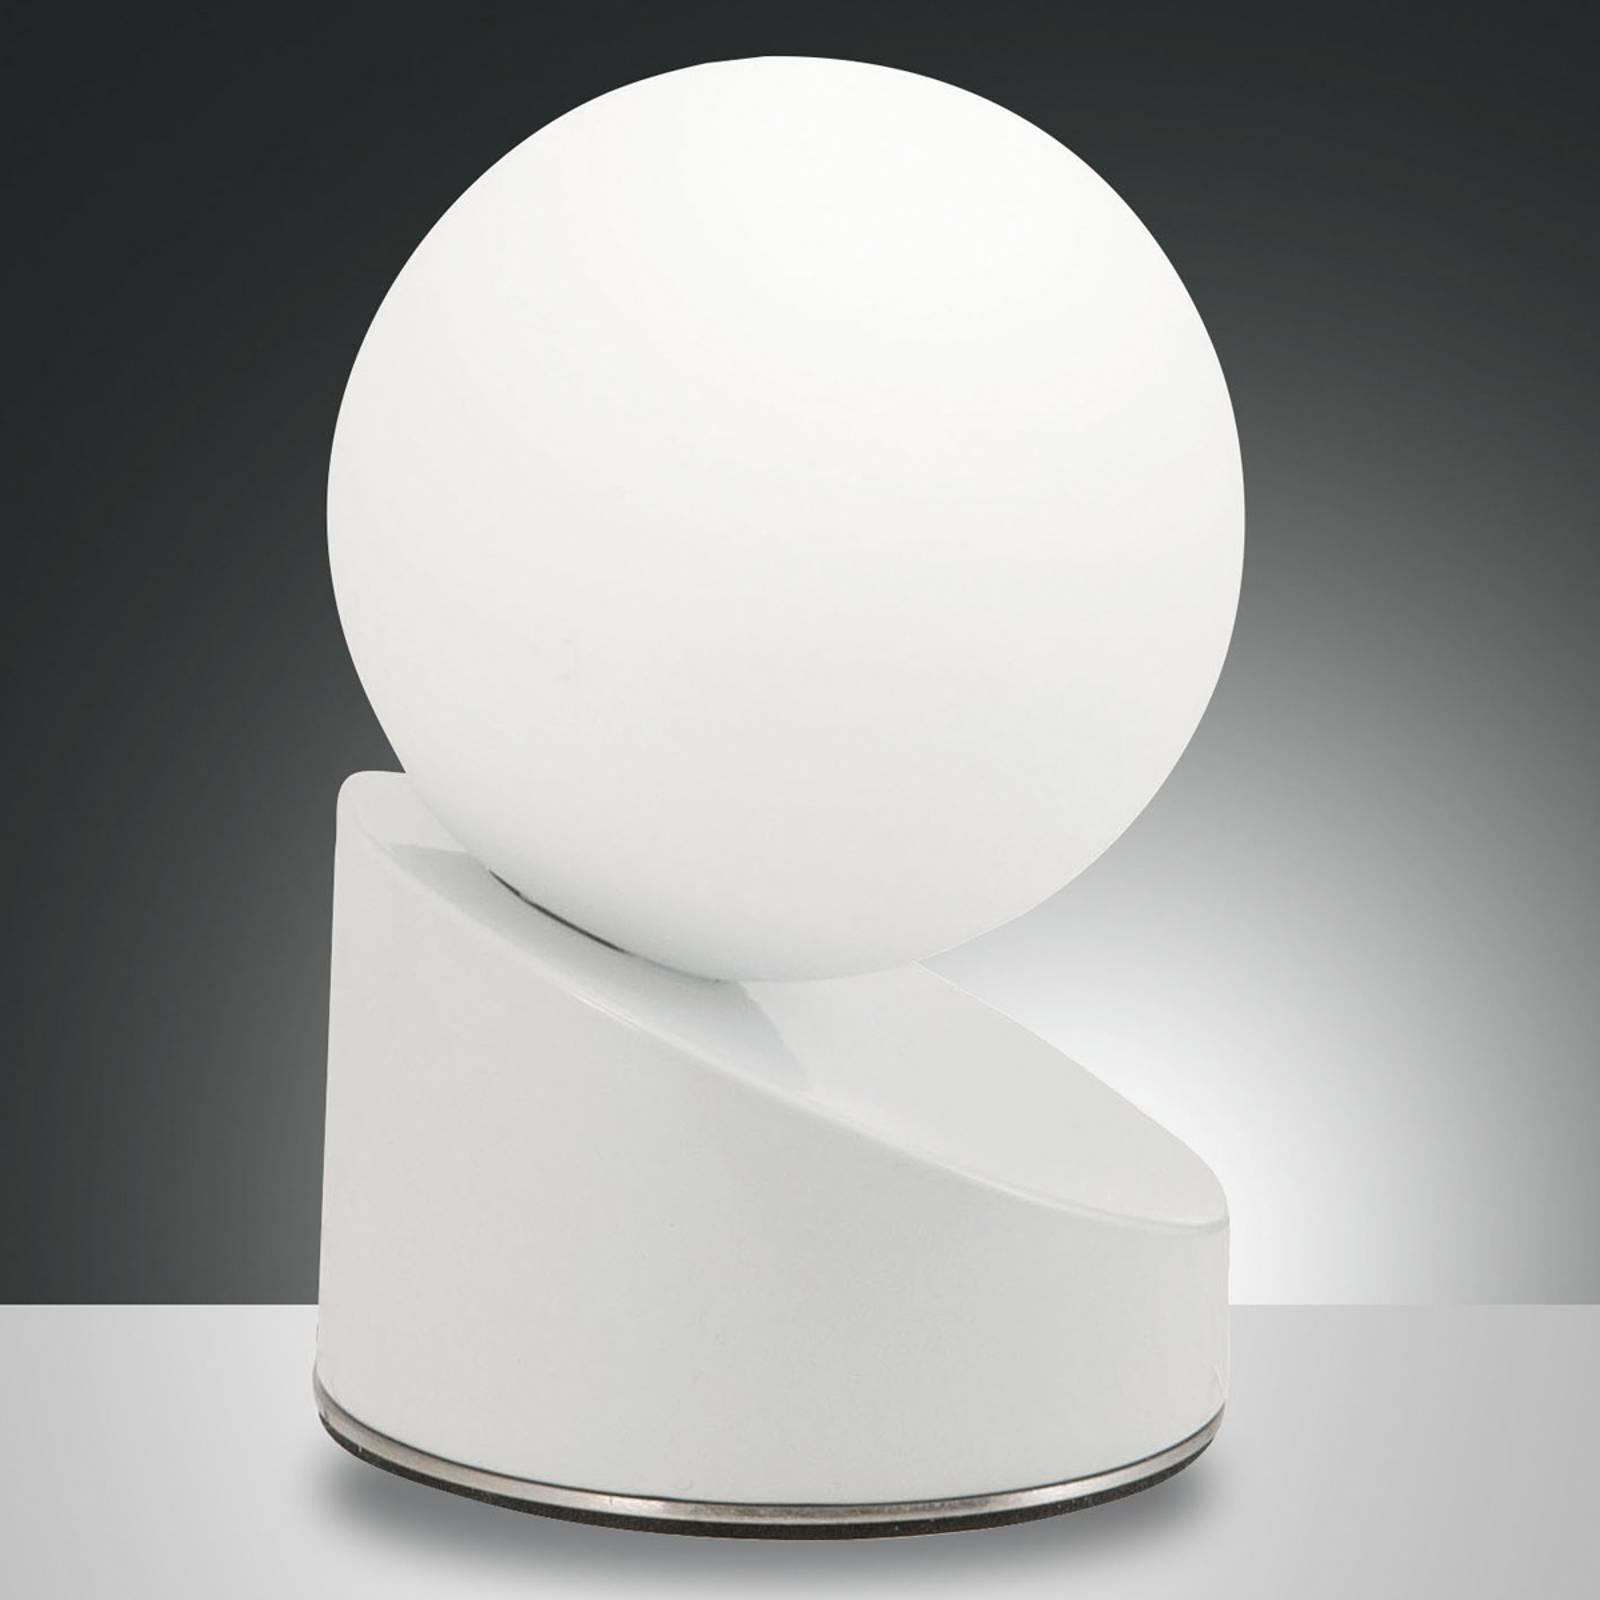 LED-Tischleuchte Gravity, weiß